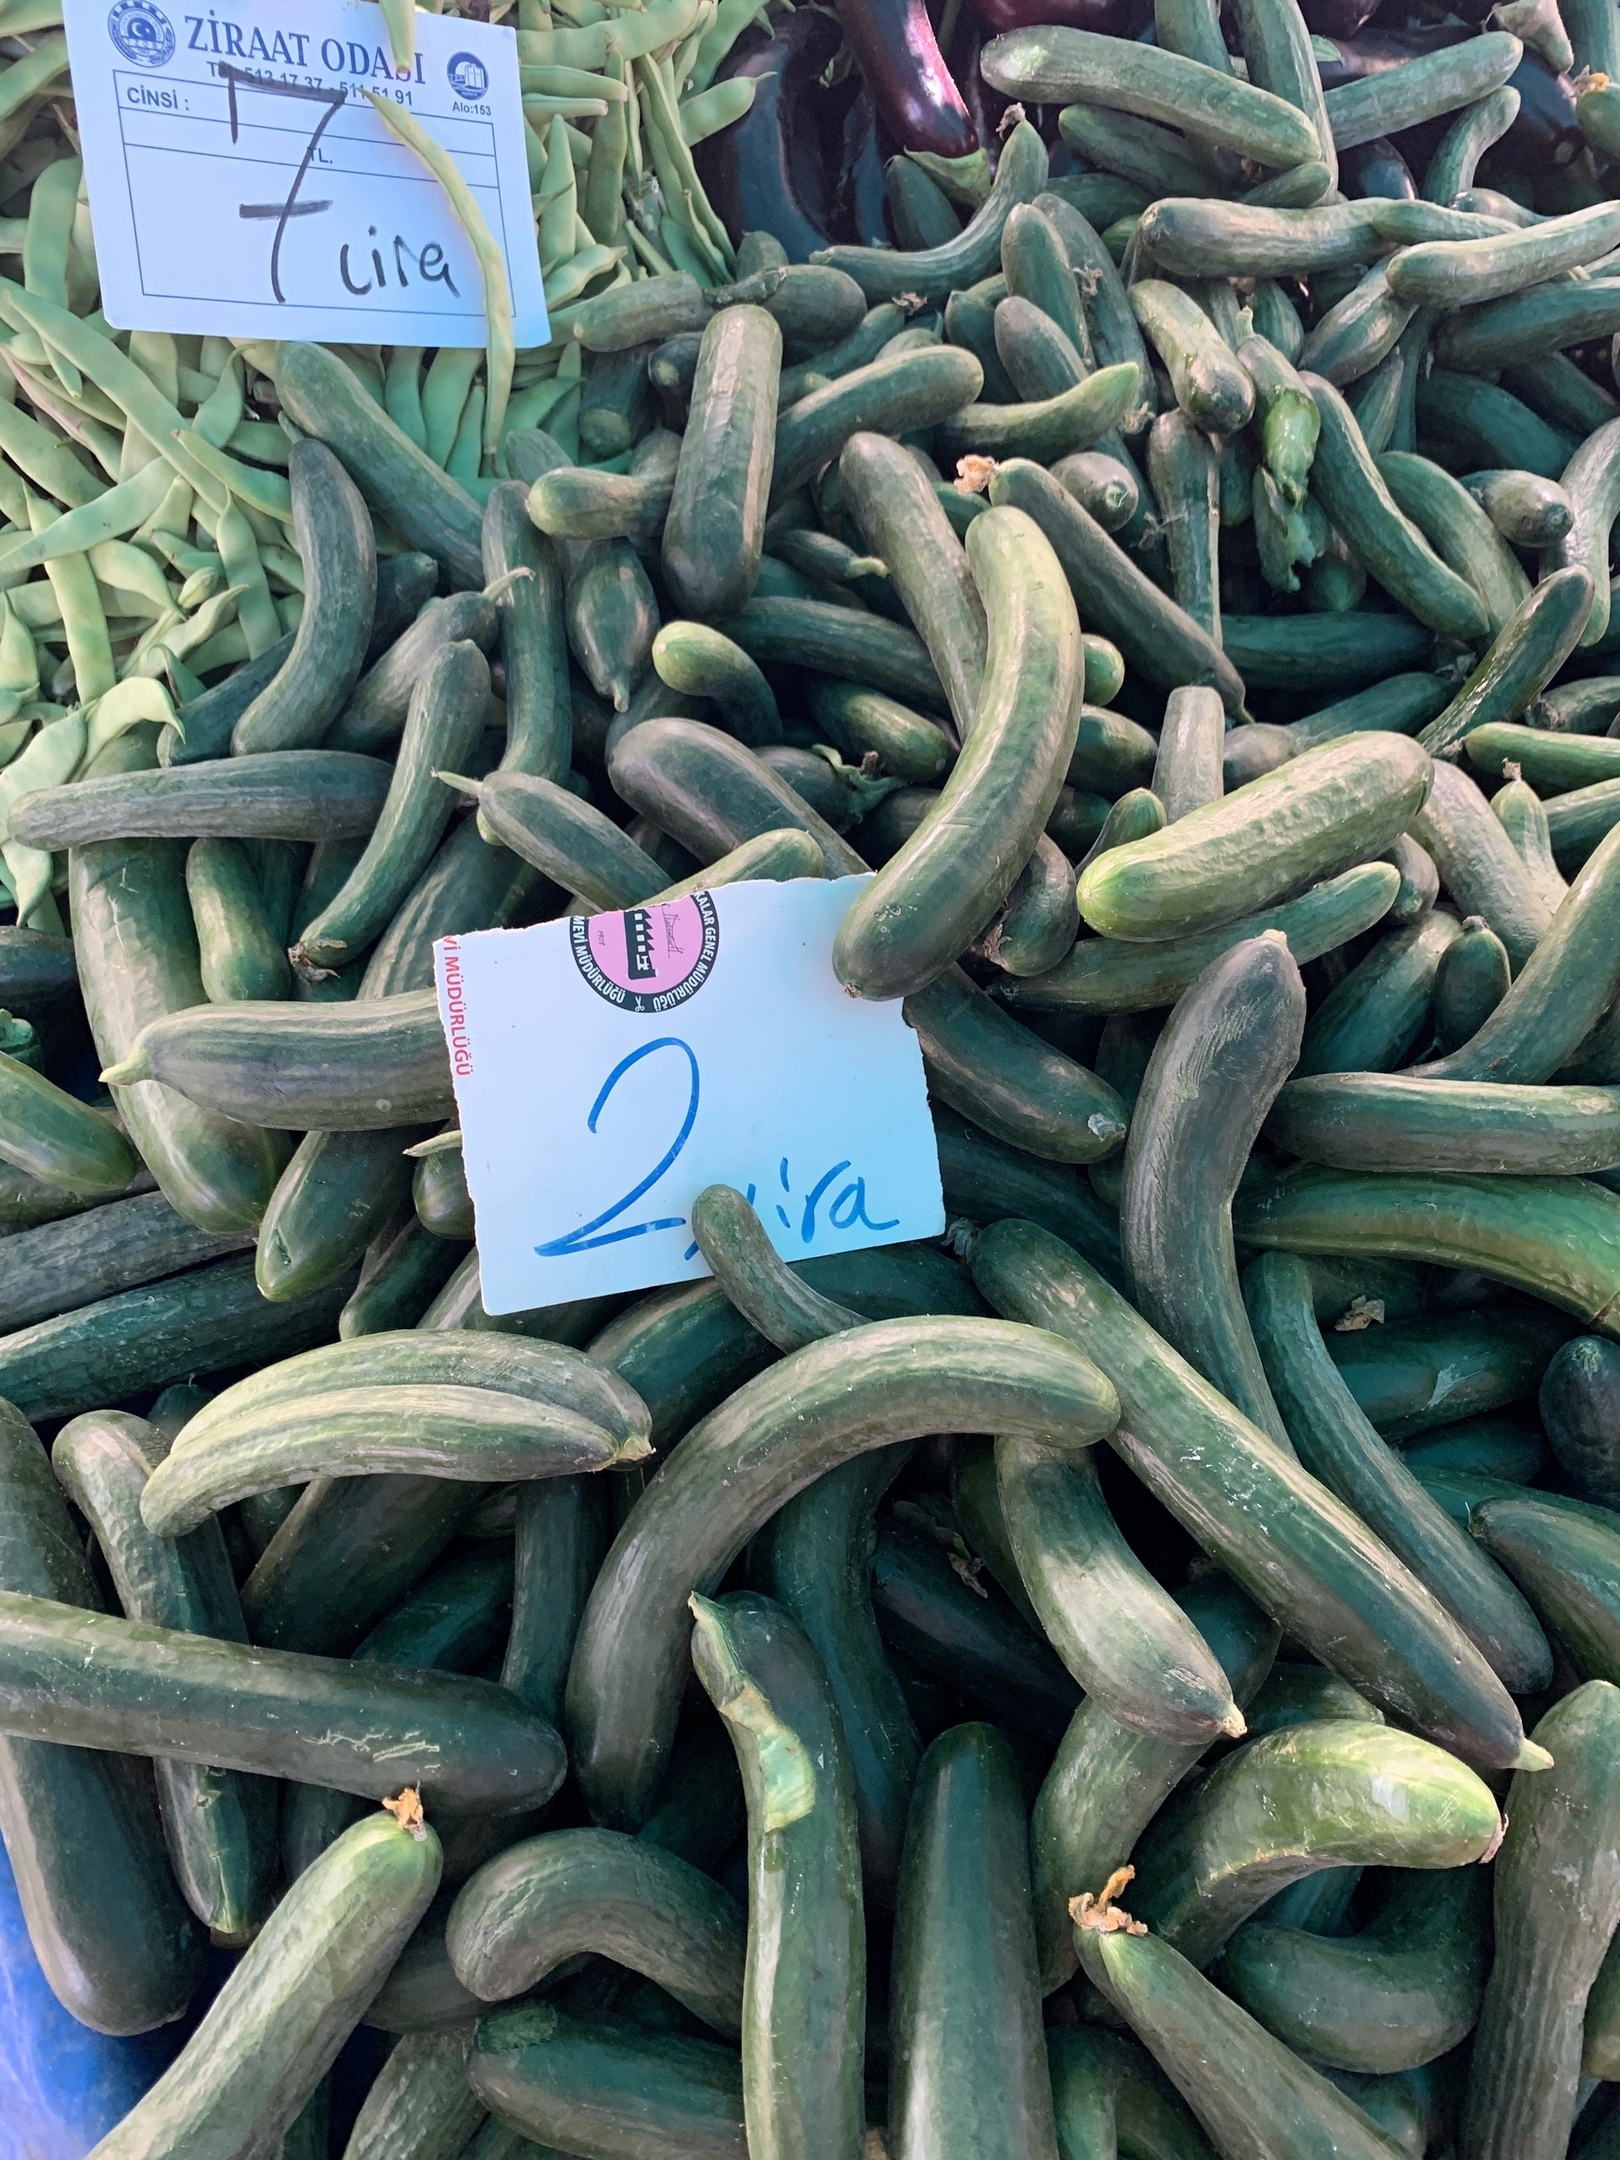 Цены в Турции на овощи и фрукты. Фото